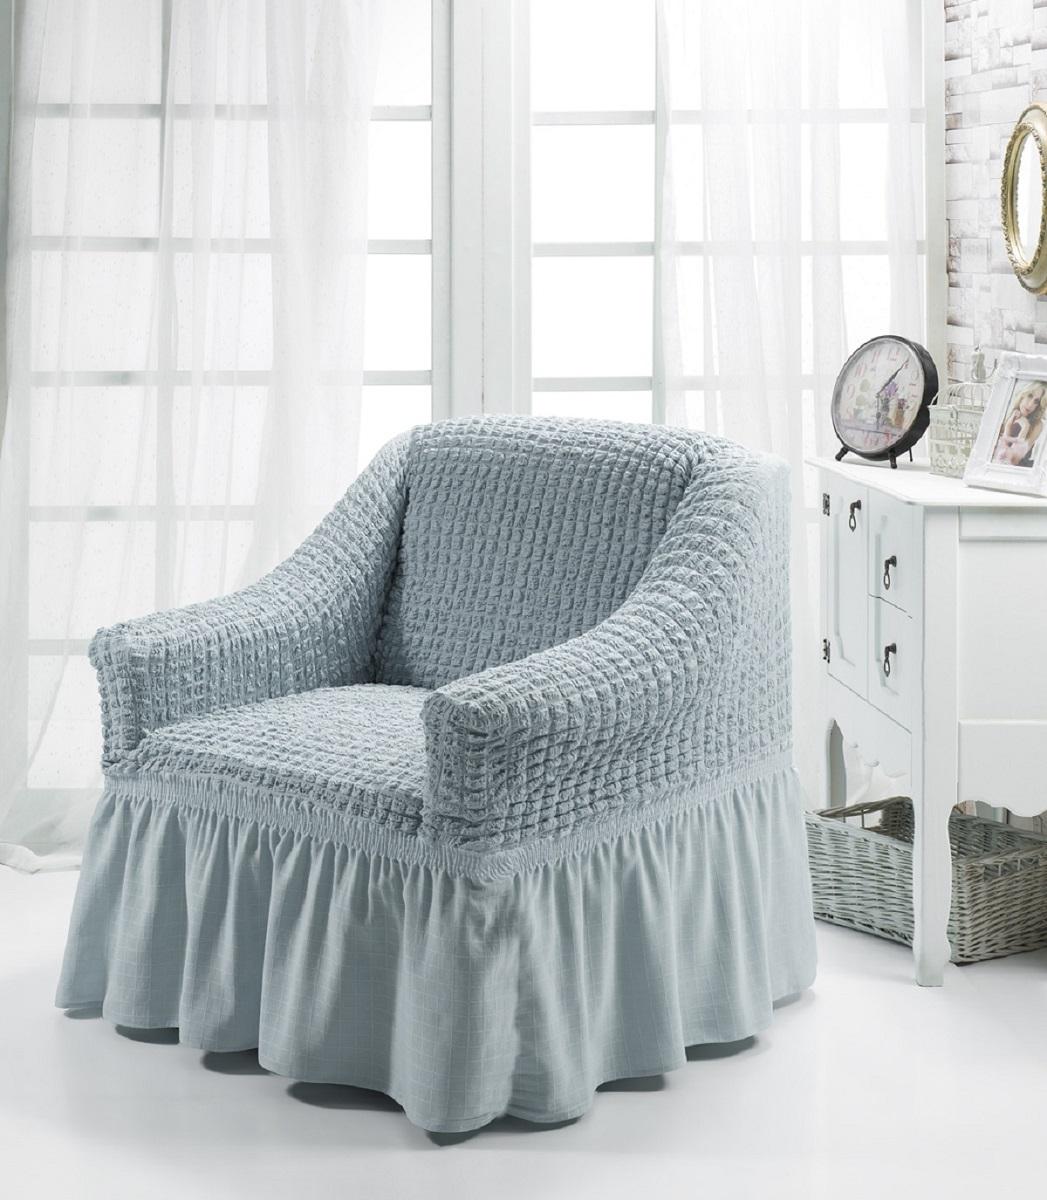 Чехол для кресла Burumcuk Bulsan, цвет: серый1797/CHAR005Чехол на кресло Burumcuk Bulsan выполнен из высококачественного полиэстера и хлопка с красивым рельефом. Предназначен для кресла стандартного размера со спинкой высотой в 140 см. Такой чехол изысканно дополнит интерьер вашего дома. Изделие прорезинено со всех сторон и оснащено закрывающей оборкой.Ширина и глубина посадочного места: 70-80 см.Высота спинки от сиденья: 70-80 см.Высота подлокотников: 35-45 см.Ширина подлокотников: 25-35 см.Длина оборки: 35 см.